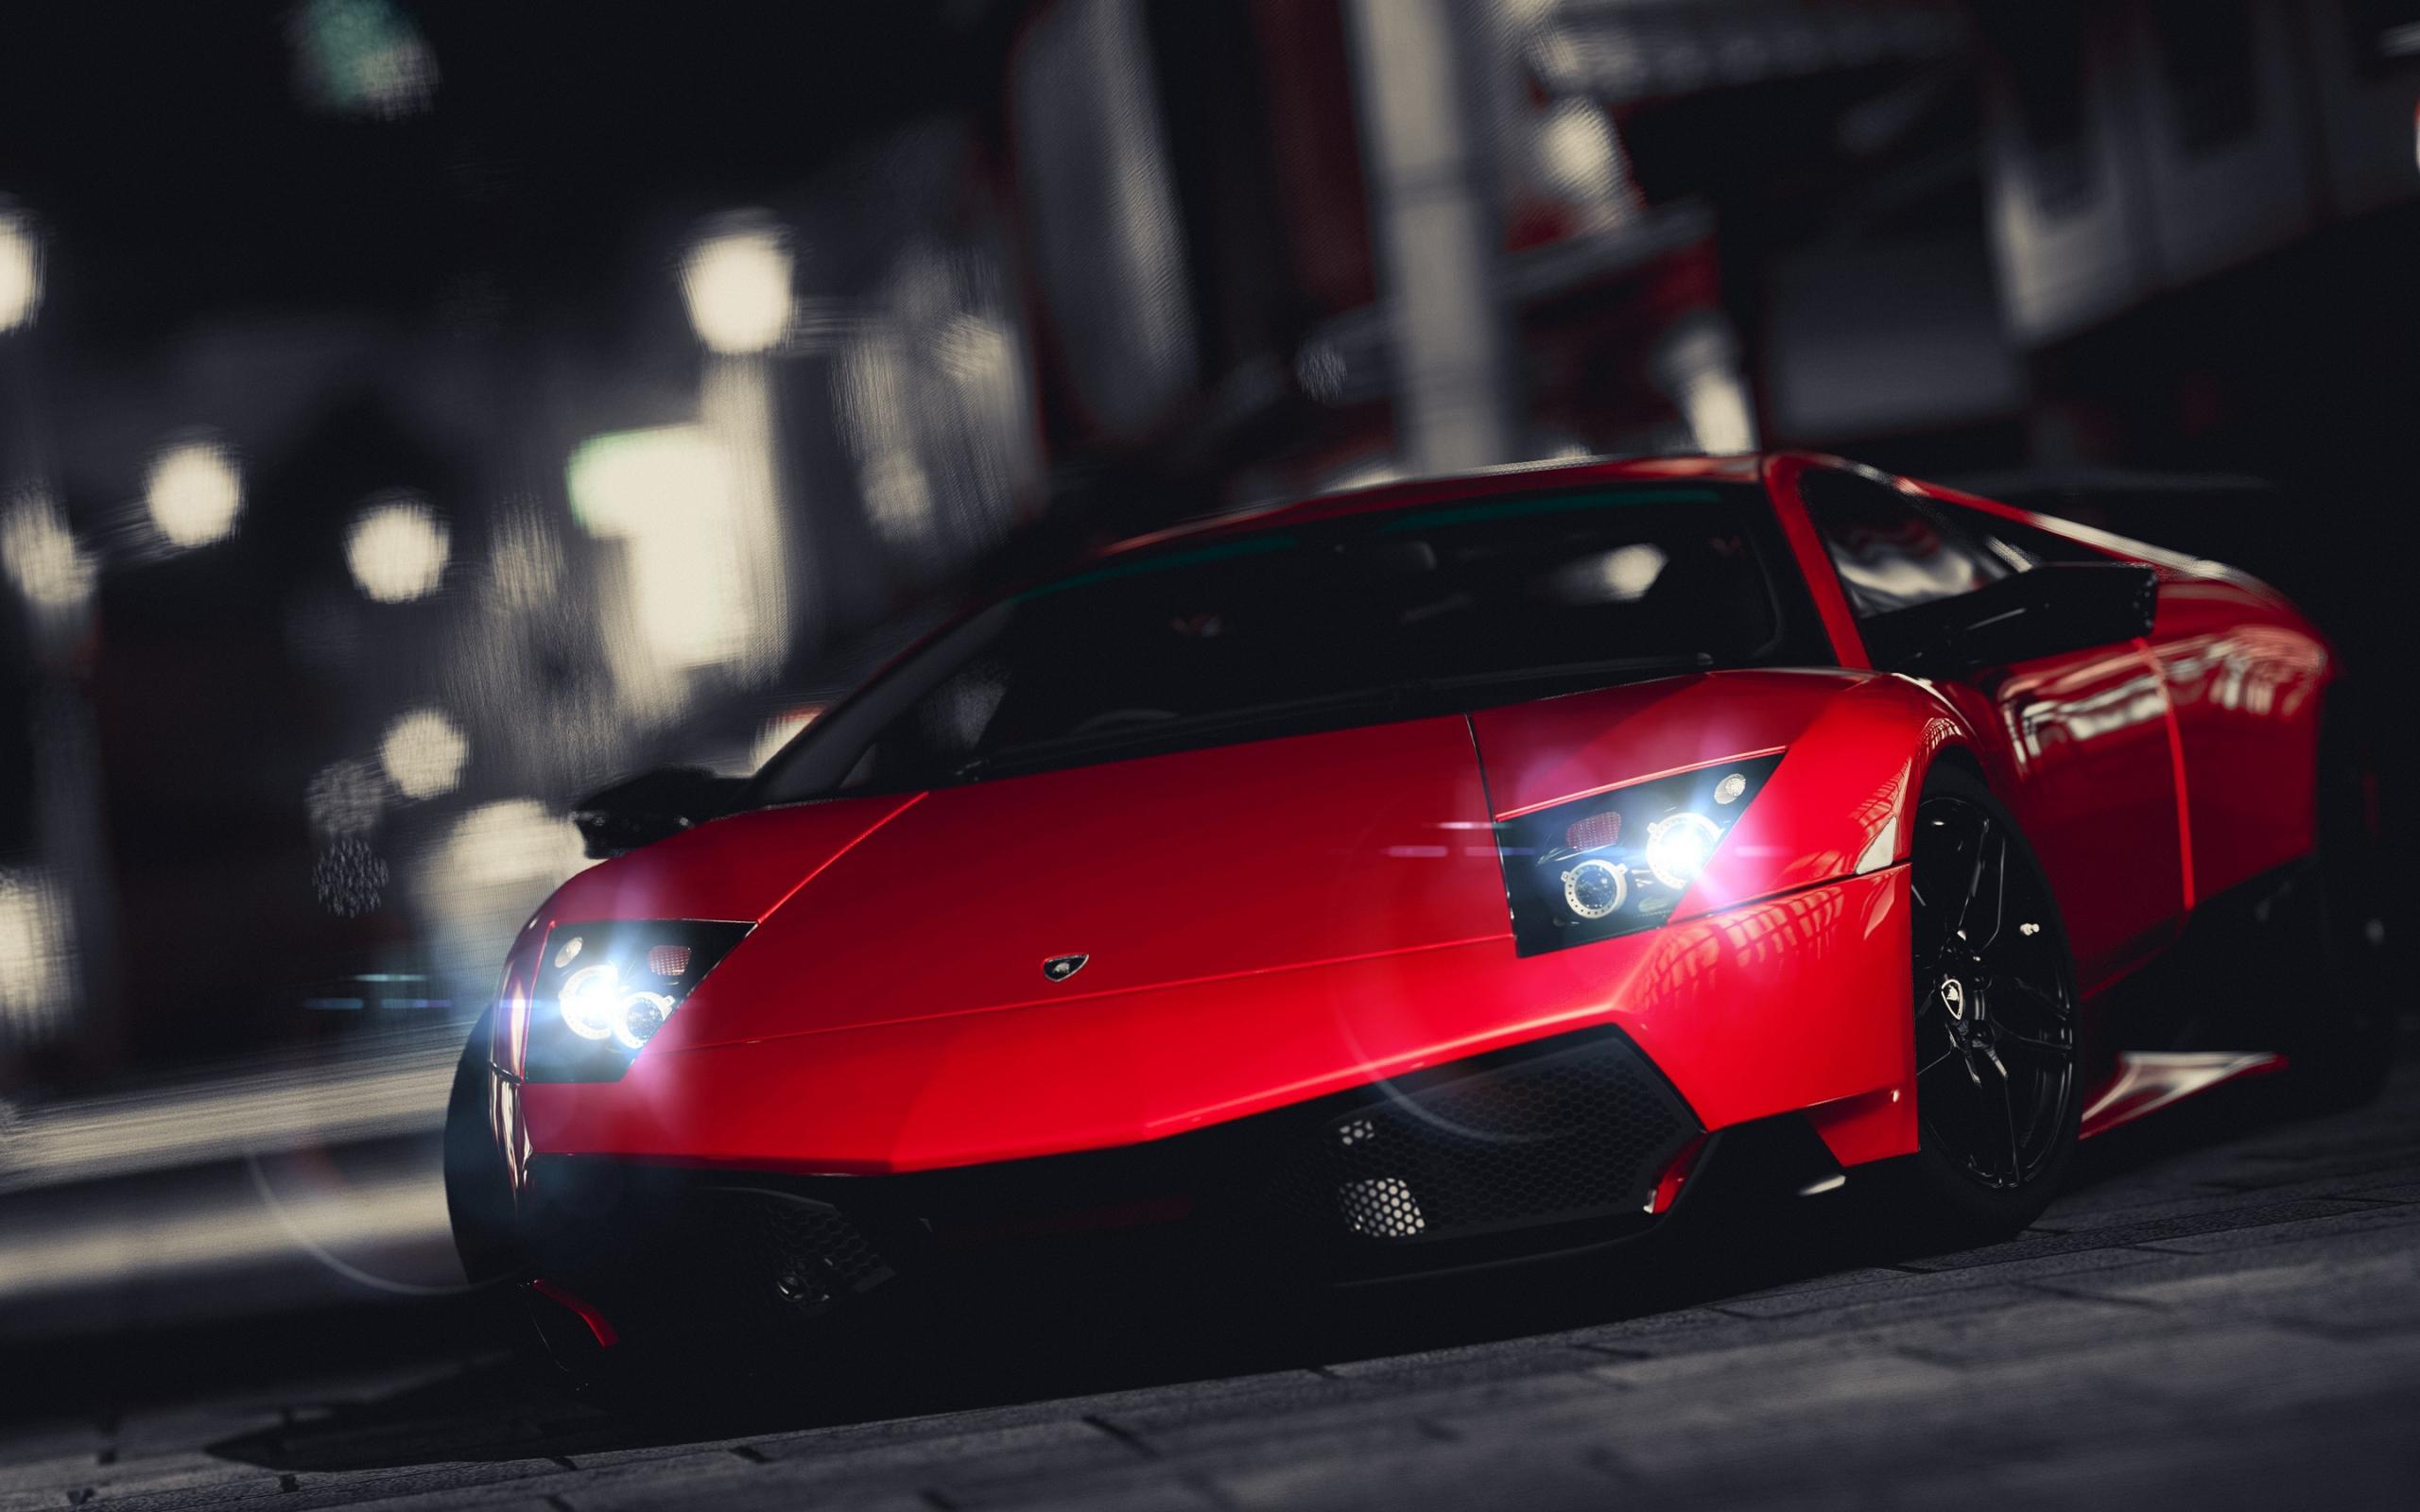 1920x1080 Fall Hd Wallpaper Lamborghini Full Hd 壁纸 And 背景 2560x1600 Id 460373